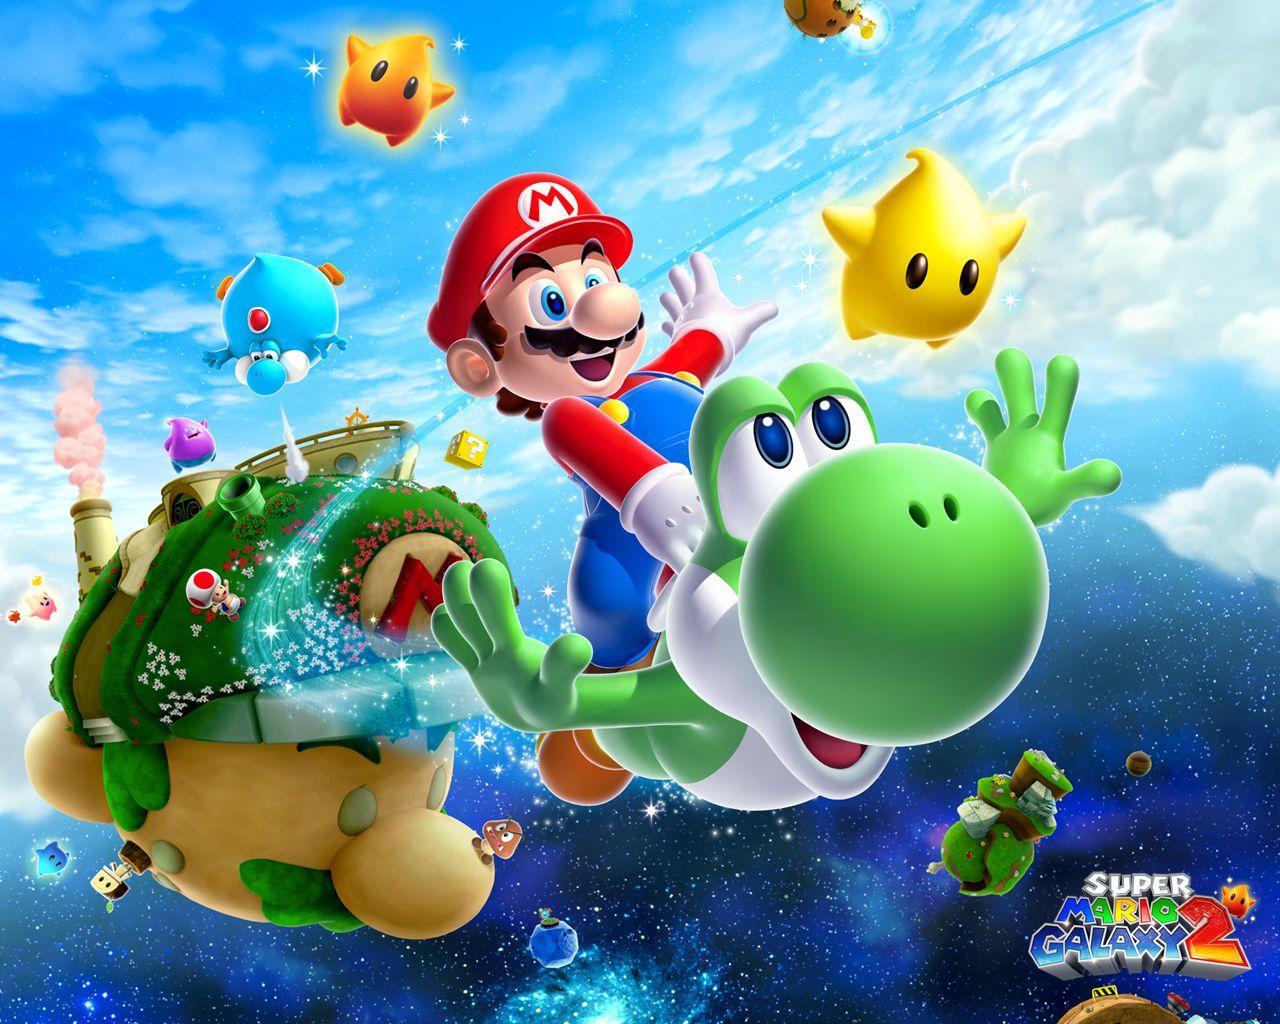 Super Mario Galaxy 2 Super Mario Galaxy Super Mario Mario Yoshi